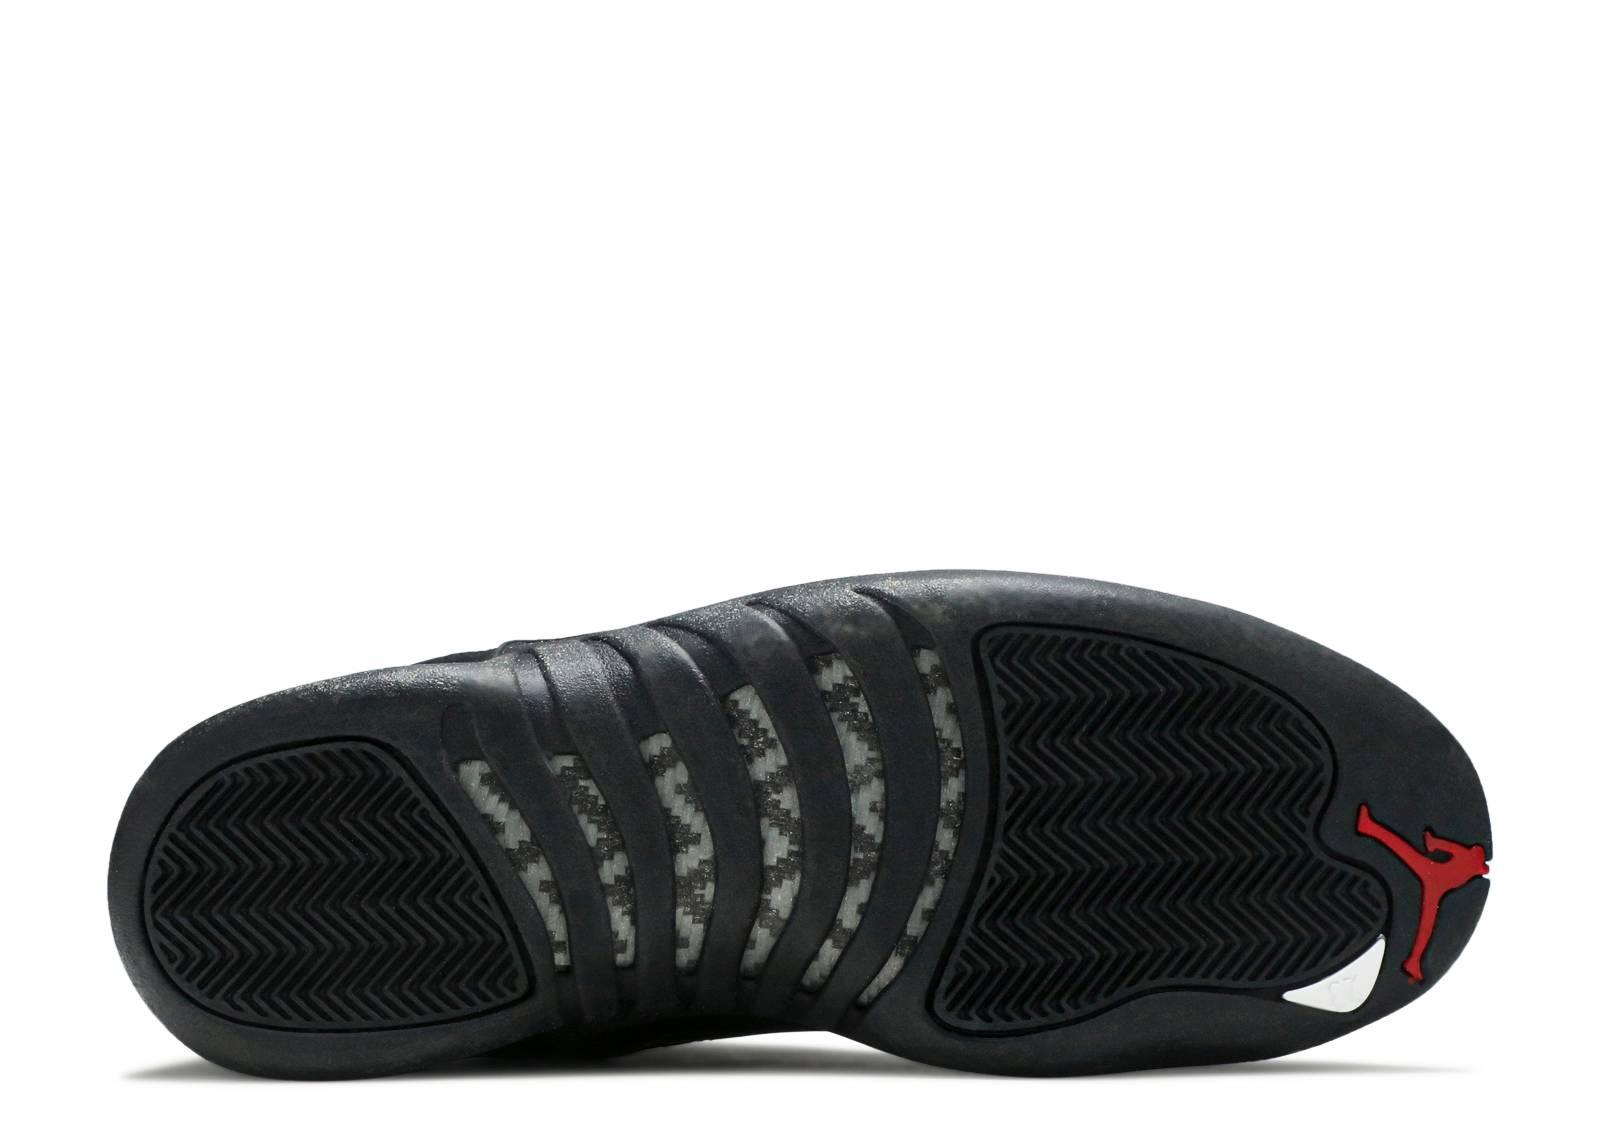 be2f49ed0e6d Air Jordan 12 Retro Low - Air Jordan - 308317 001 - black varsity red